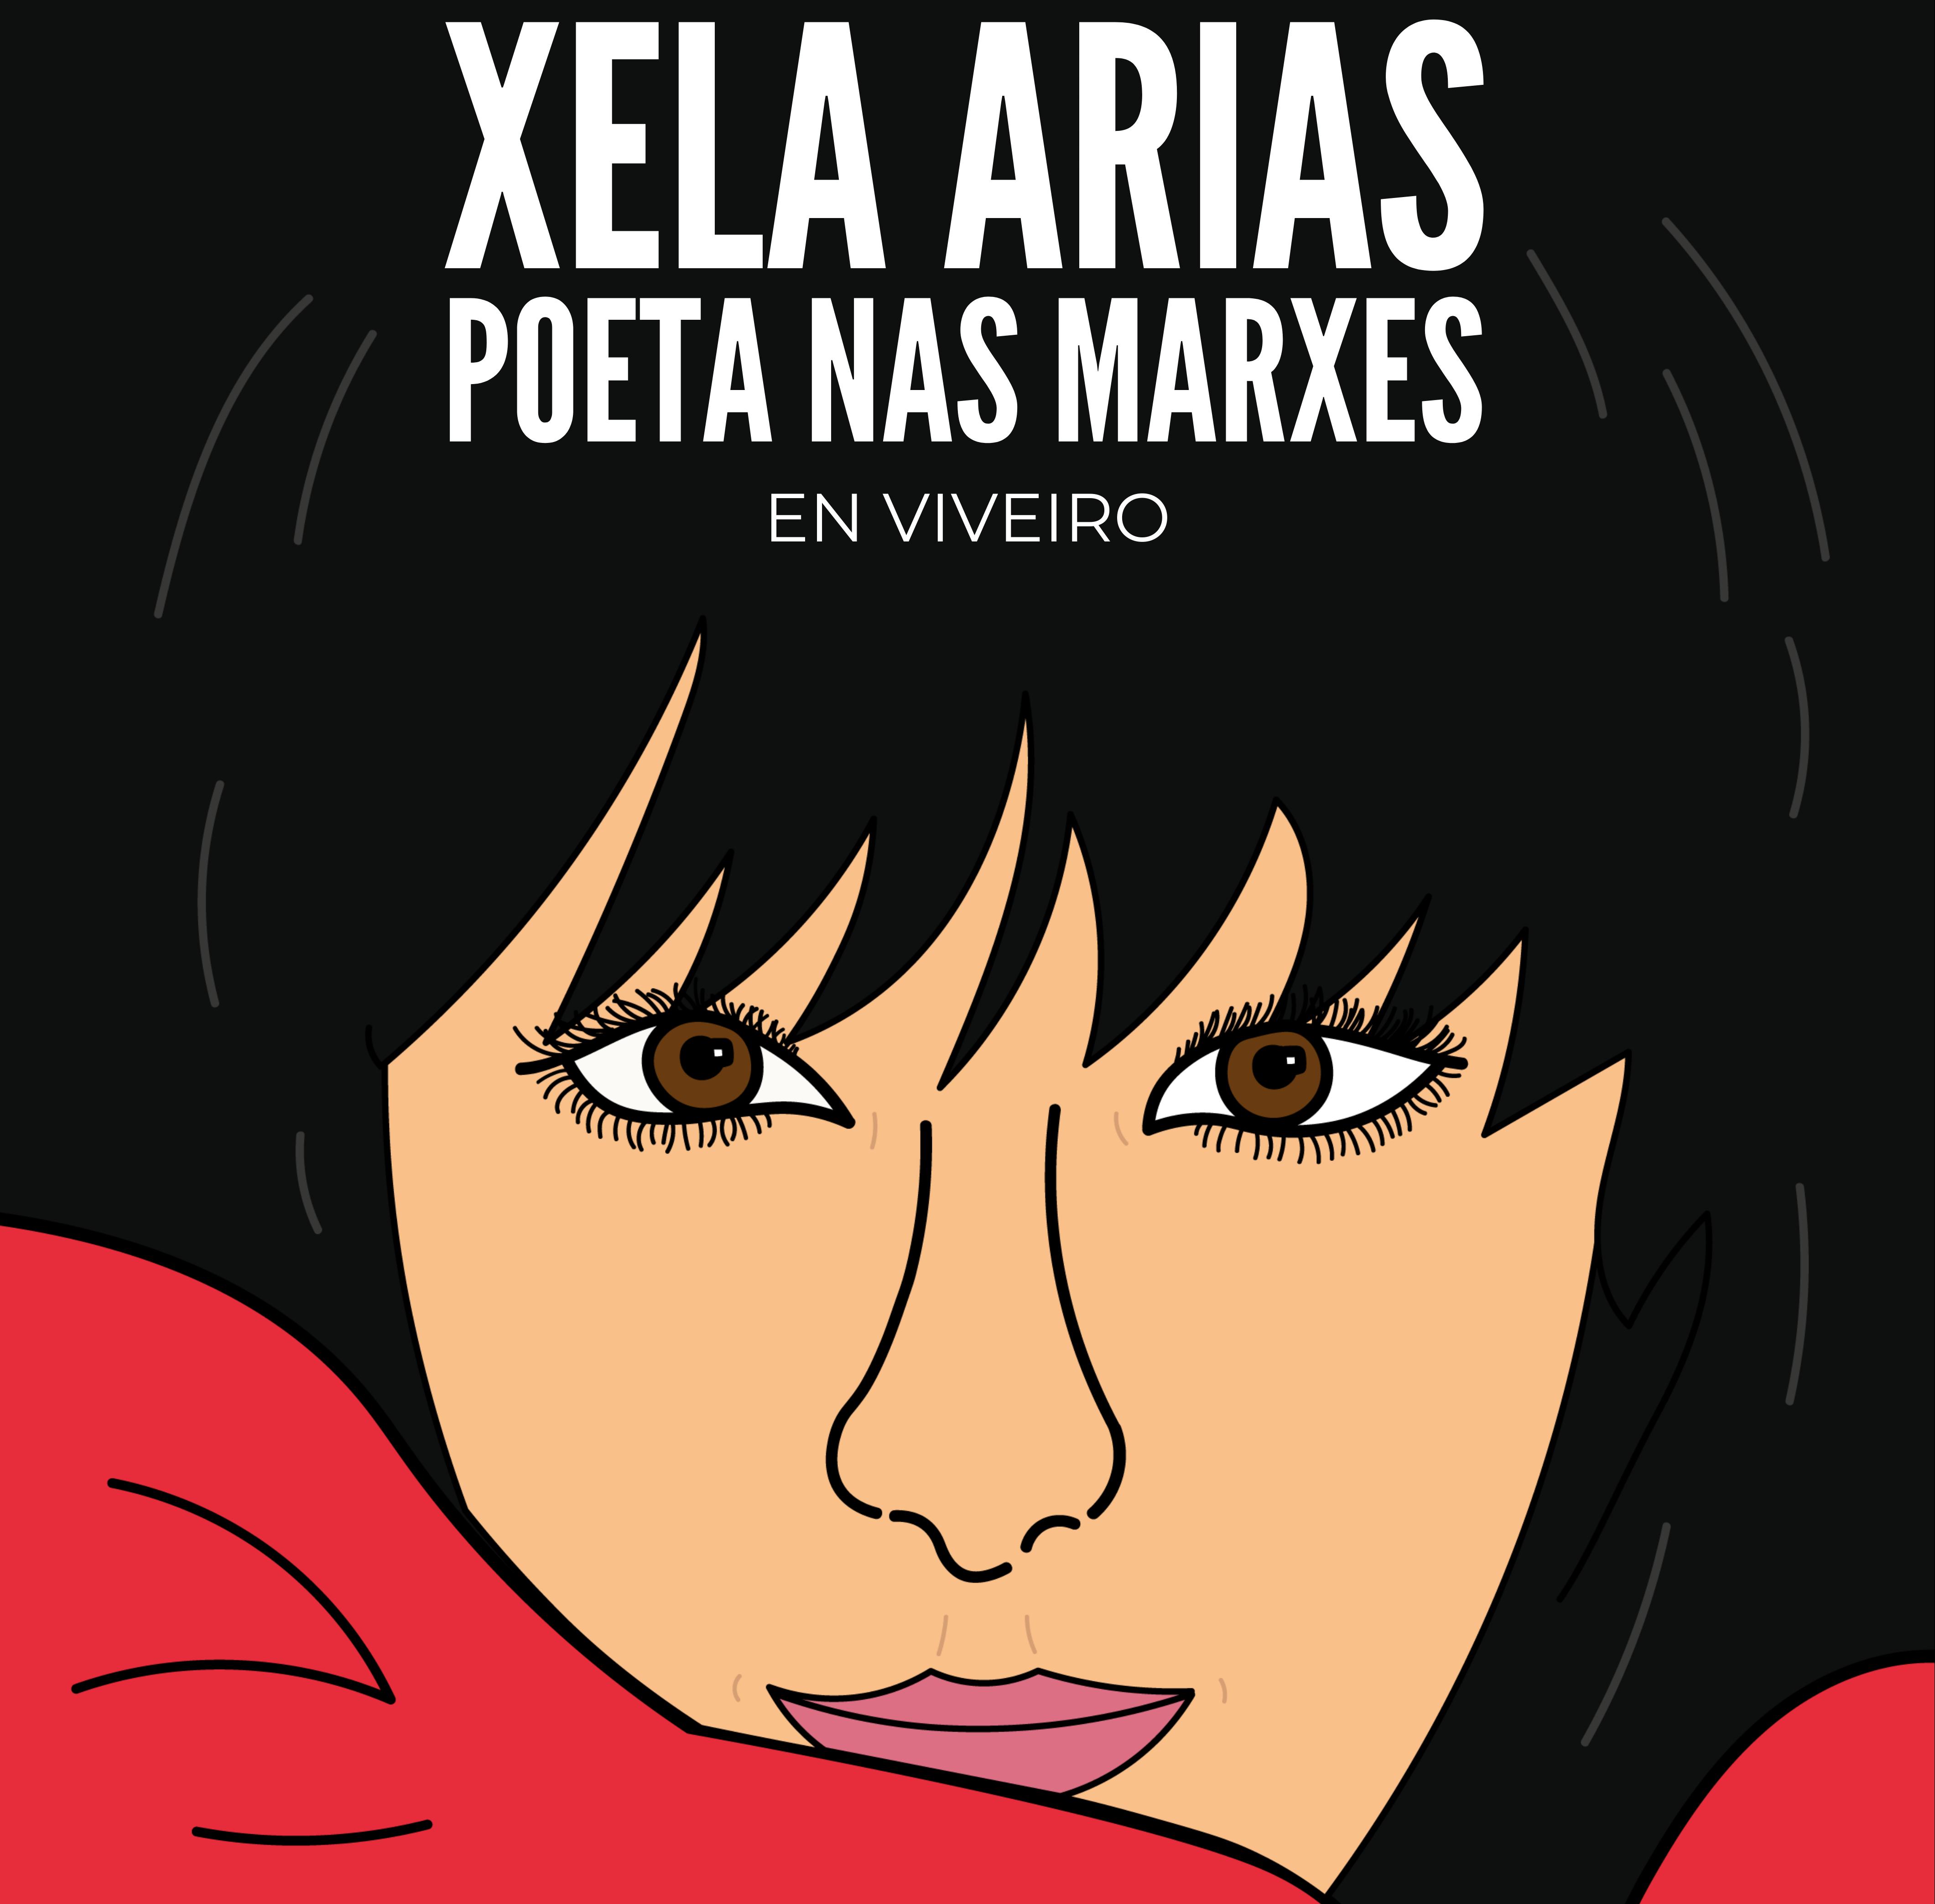 O documental de Beatriz Pereira